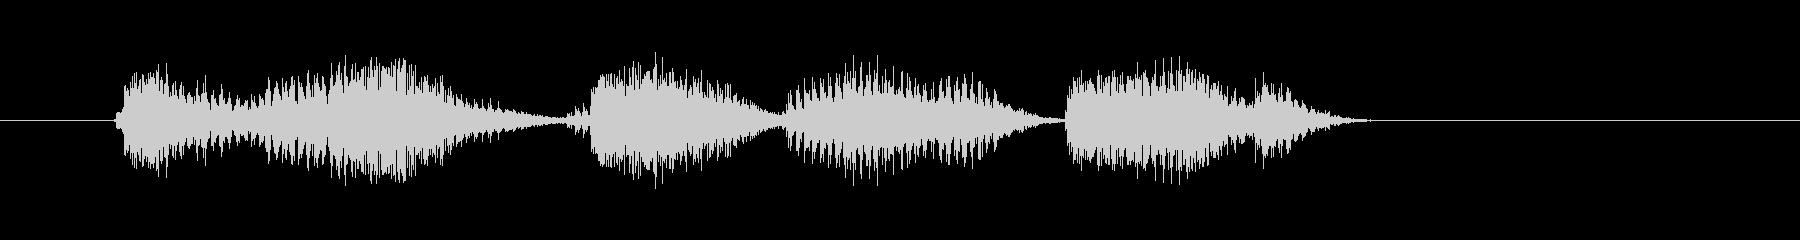 イグニション・シークエンス・スタートの未再生の波形